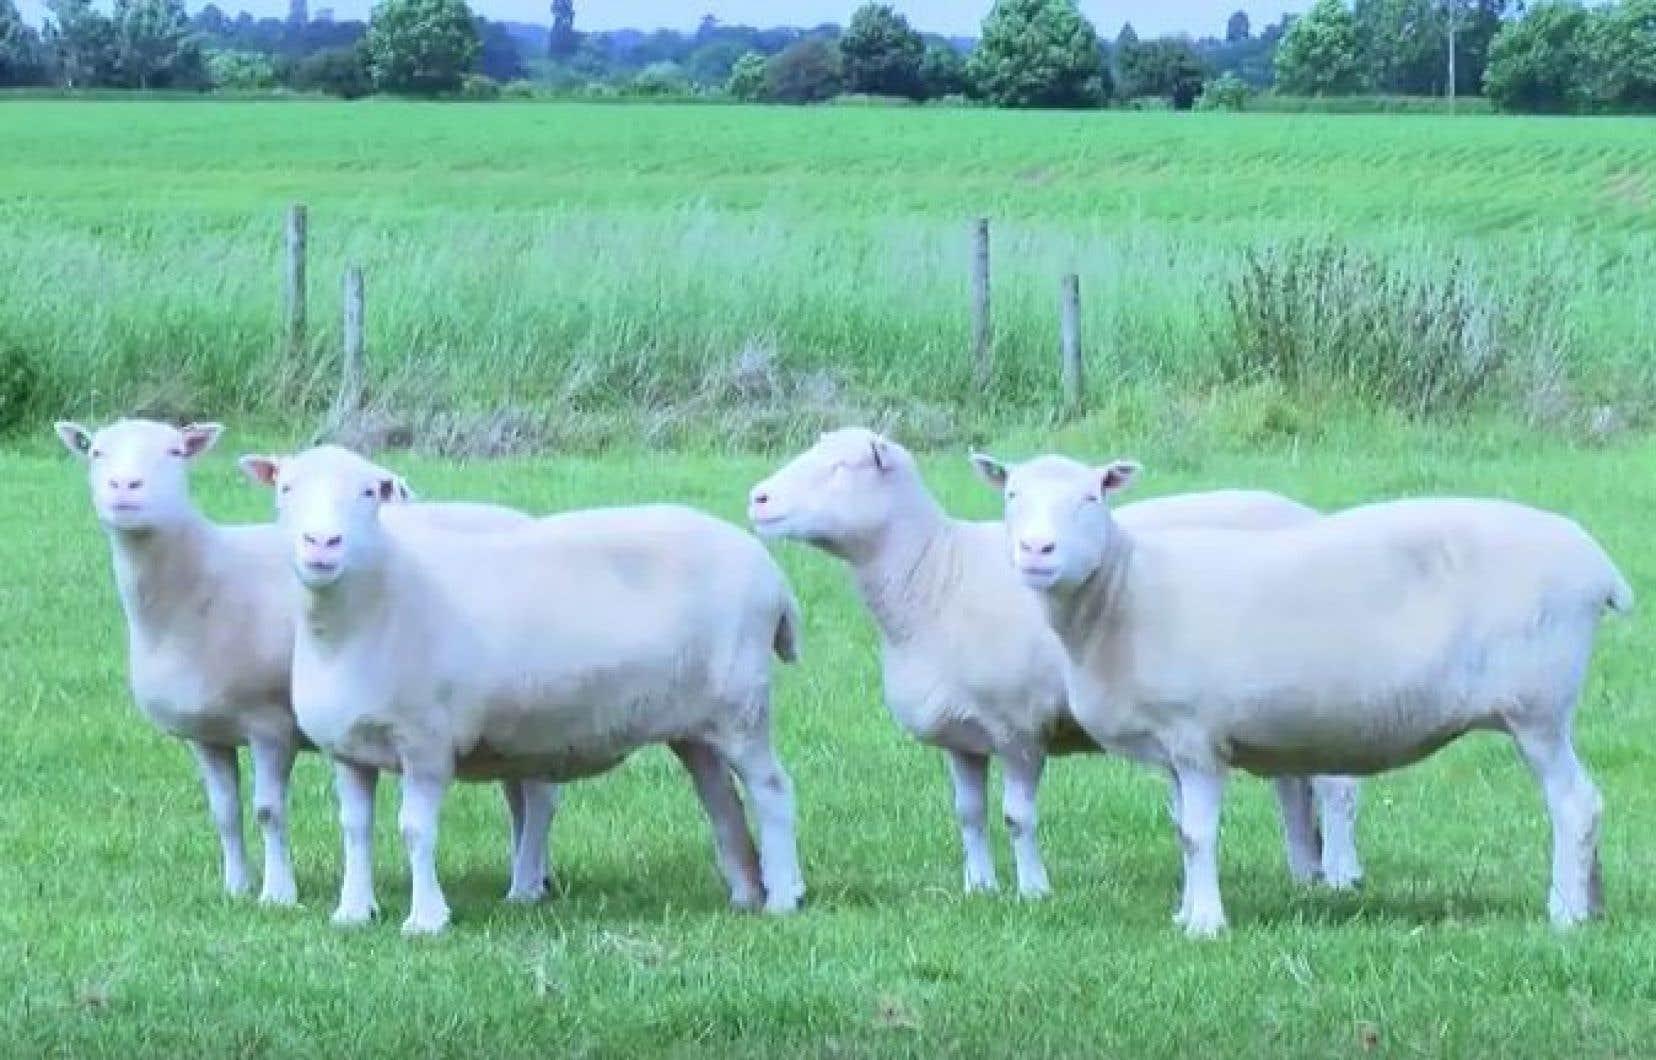 Debbie, Denise, Dianna et Daisy sont les sœurs identiques de Dolly, même si elles sont nées 11ans après elle.